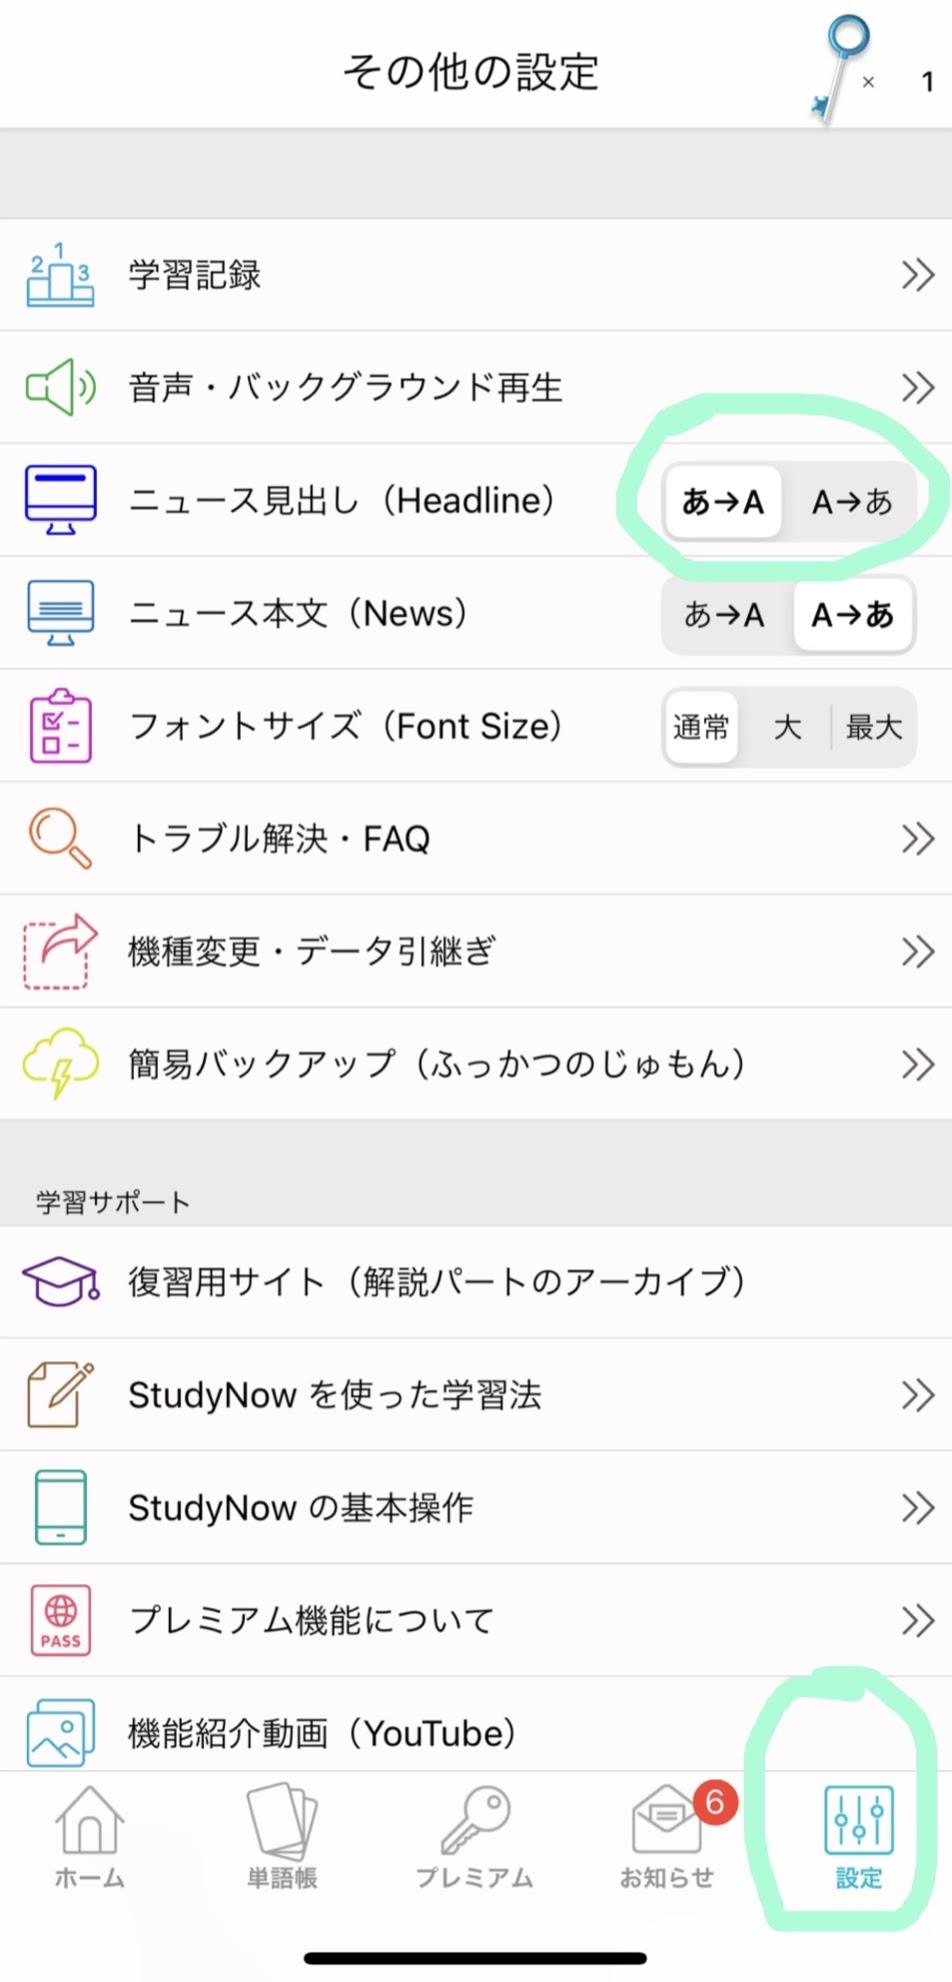 日本語表示に変更する方法の説明画像